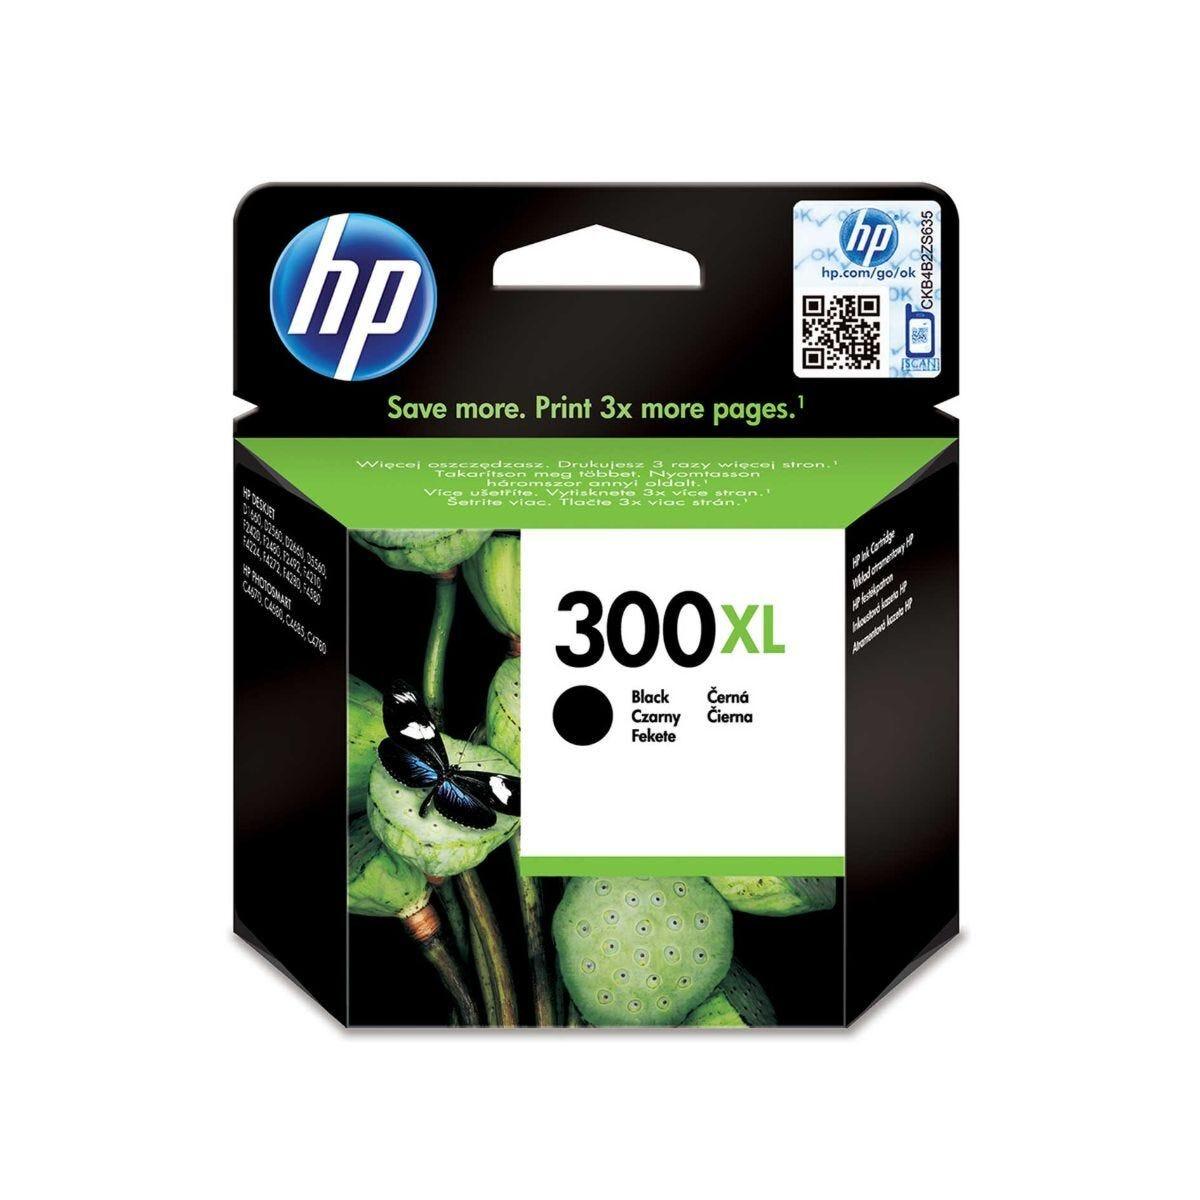 HP 300XL Ink Cartridge 12ml